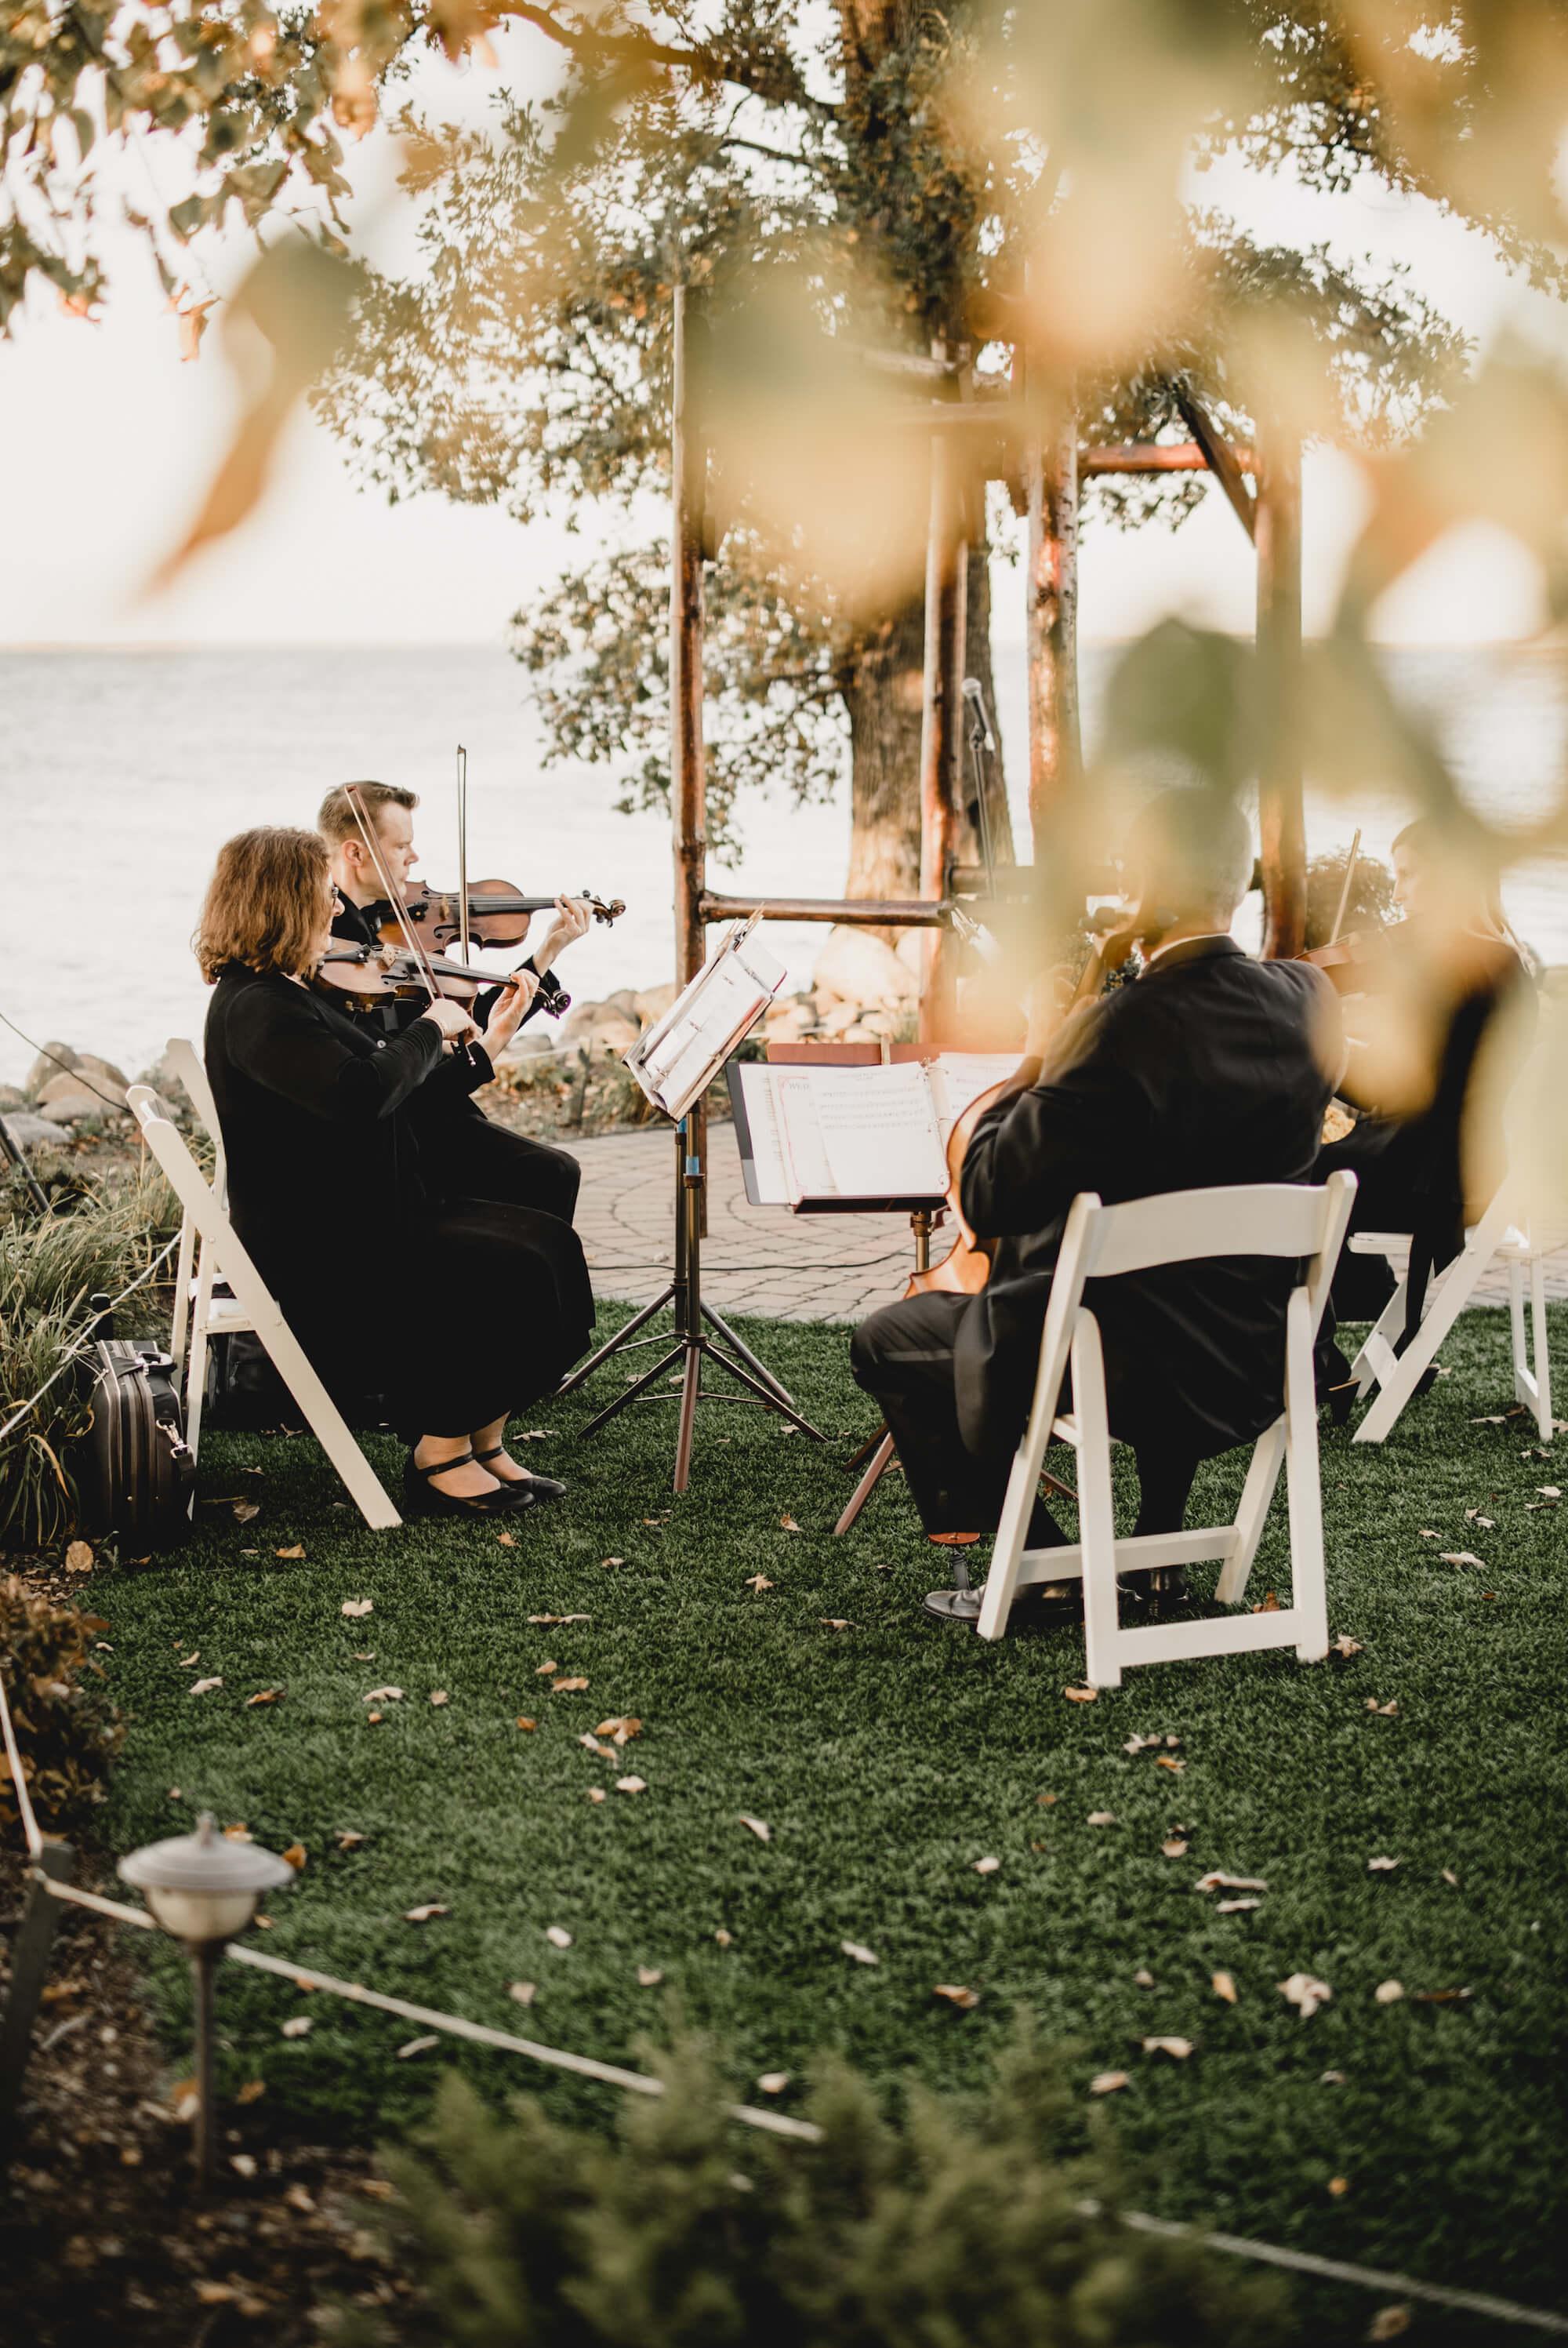 engle-olson-tammy-marc-wedding-44.jpg